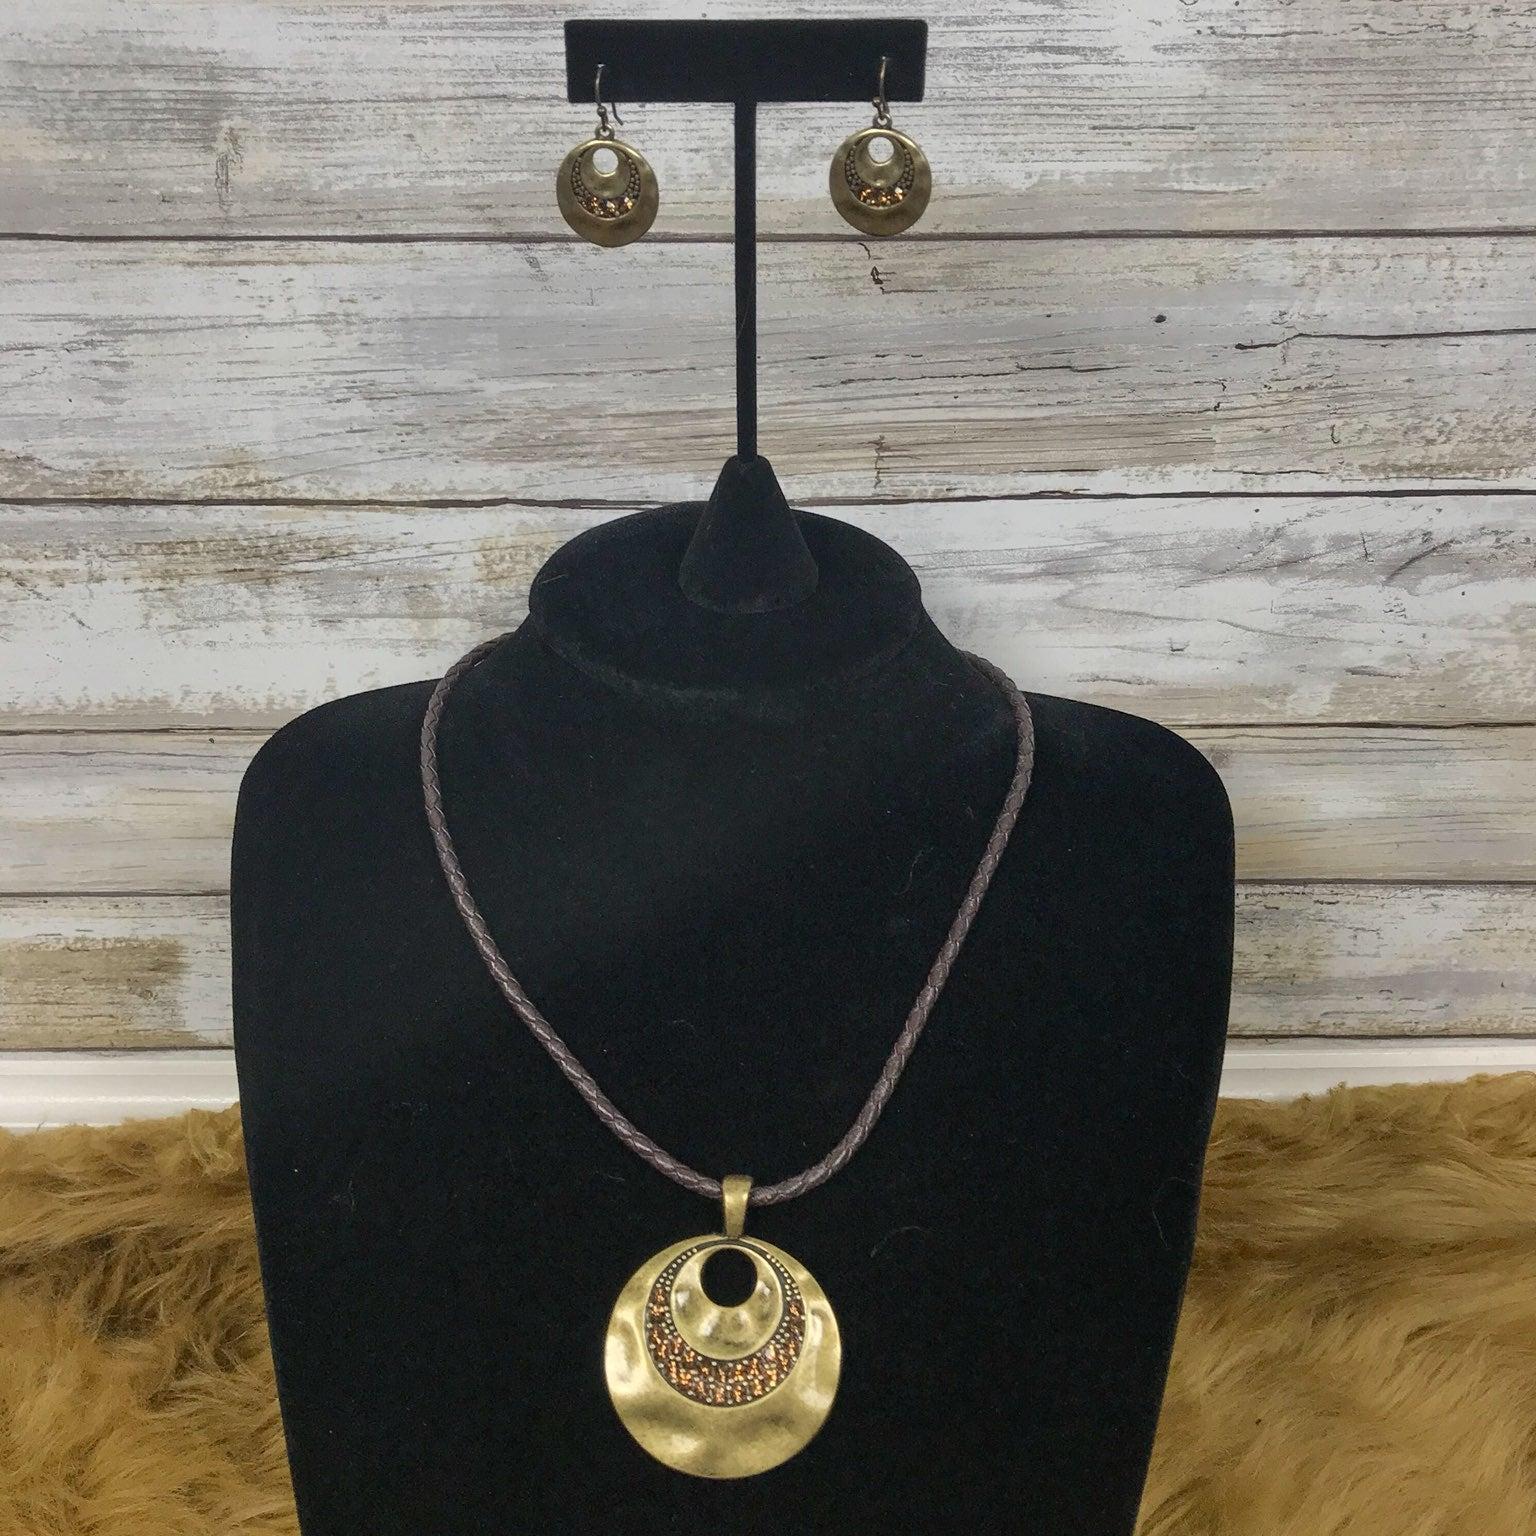 Lia Sophia Necklace & Earrings